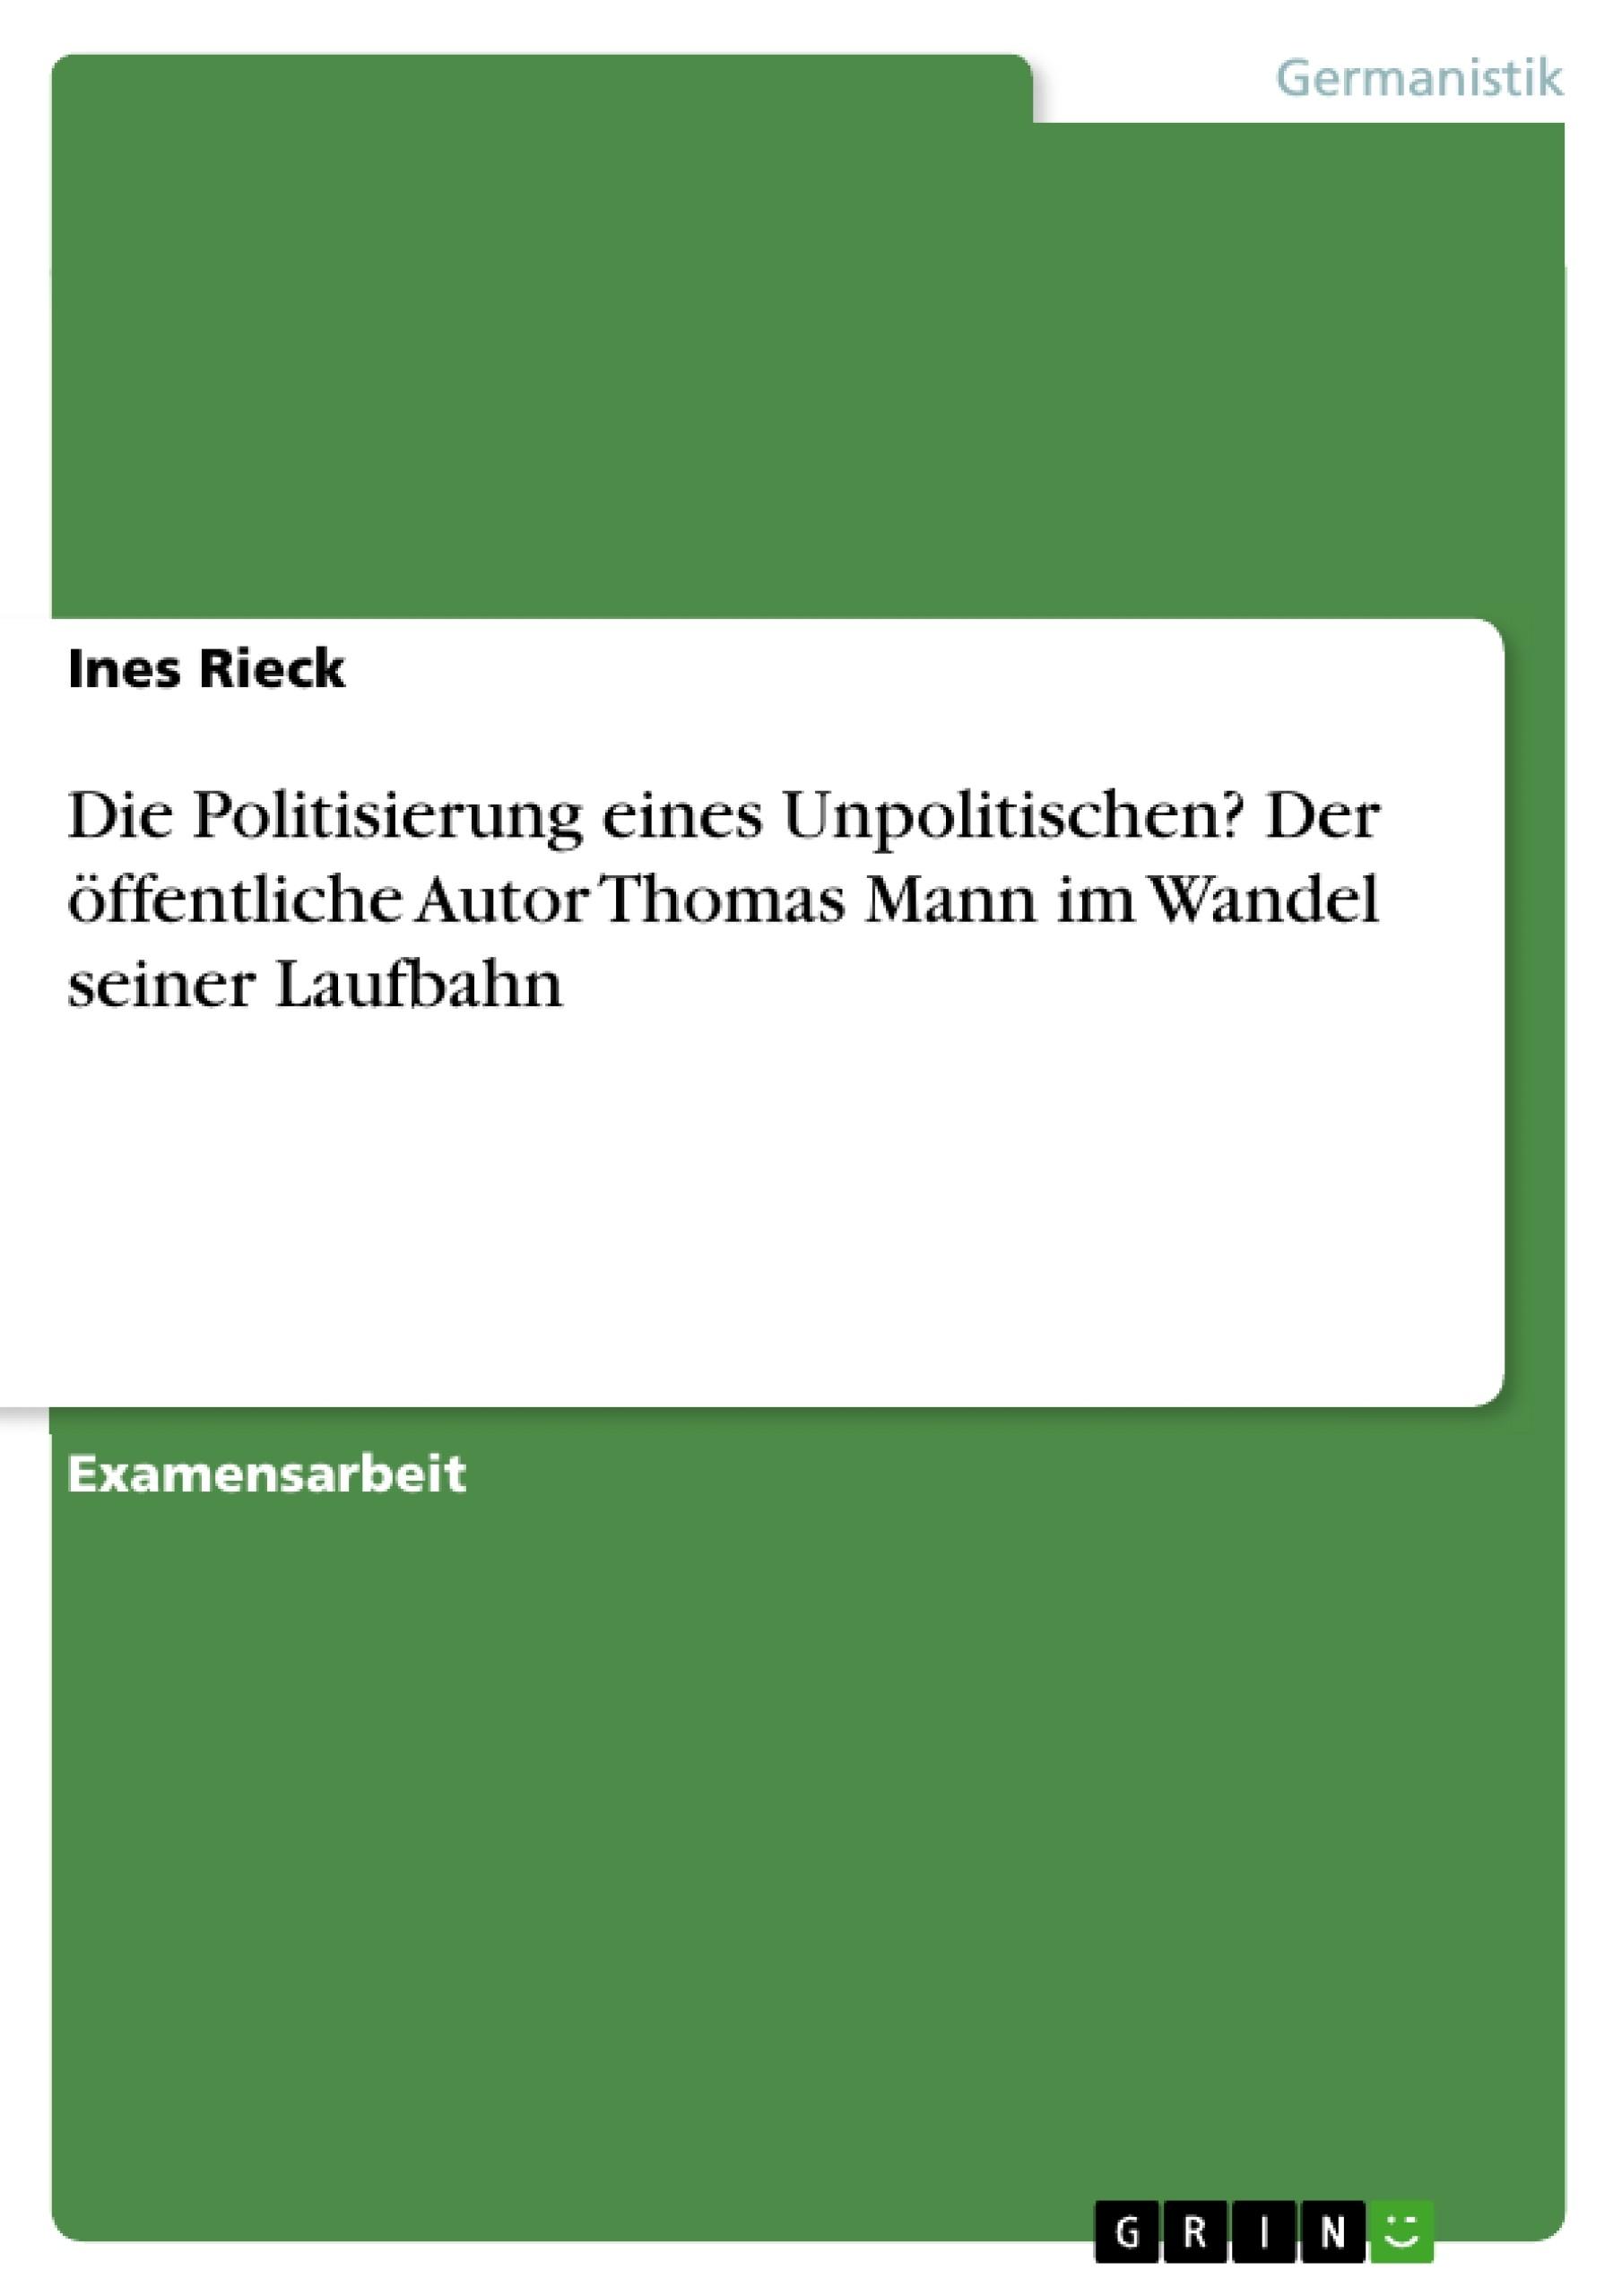 Titel: Die Politisierung eines Unpolitischen? Der öffentliche Autor Thomas Mann im Wandel seiner Laufbahn